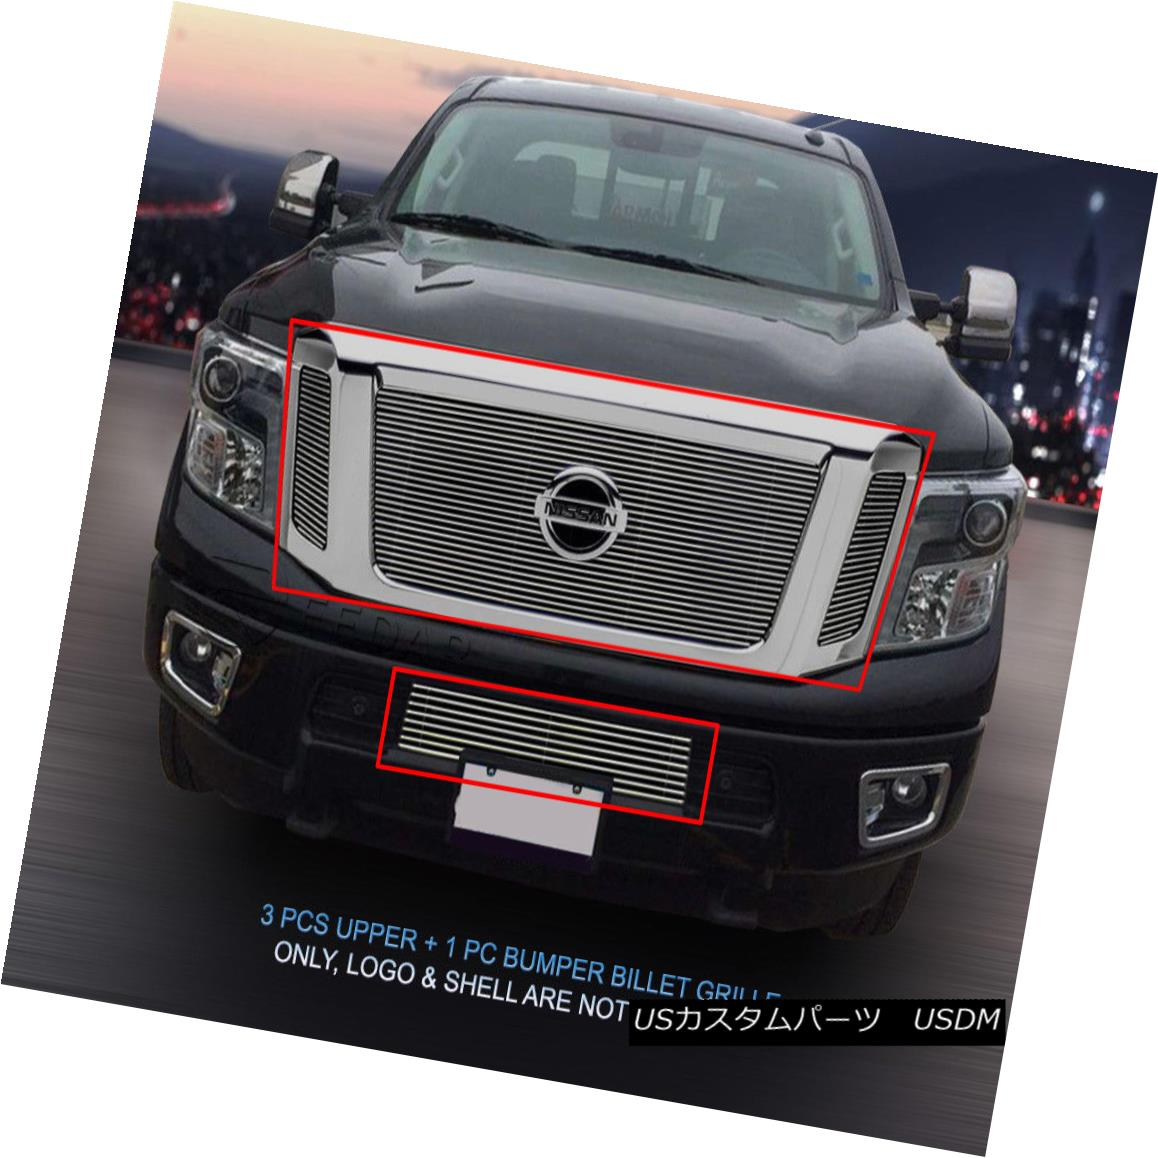 グリル Fedar Fits 2016 Nissan Titan Polished Billet Grille Insert Fedarフィット2016 Nissan Titan Polished Billet Grille Insert